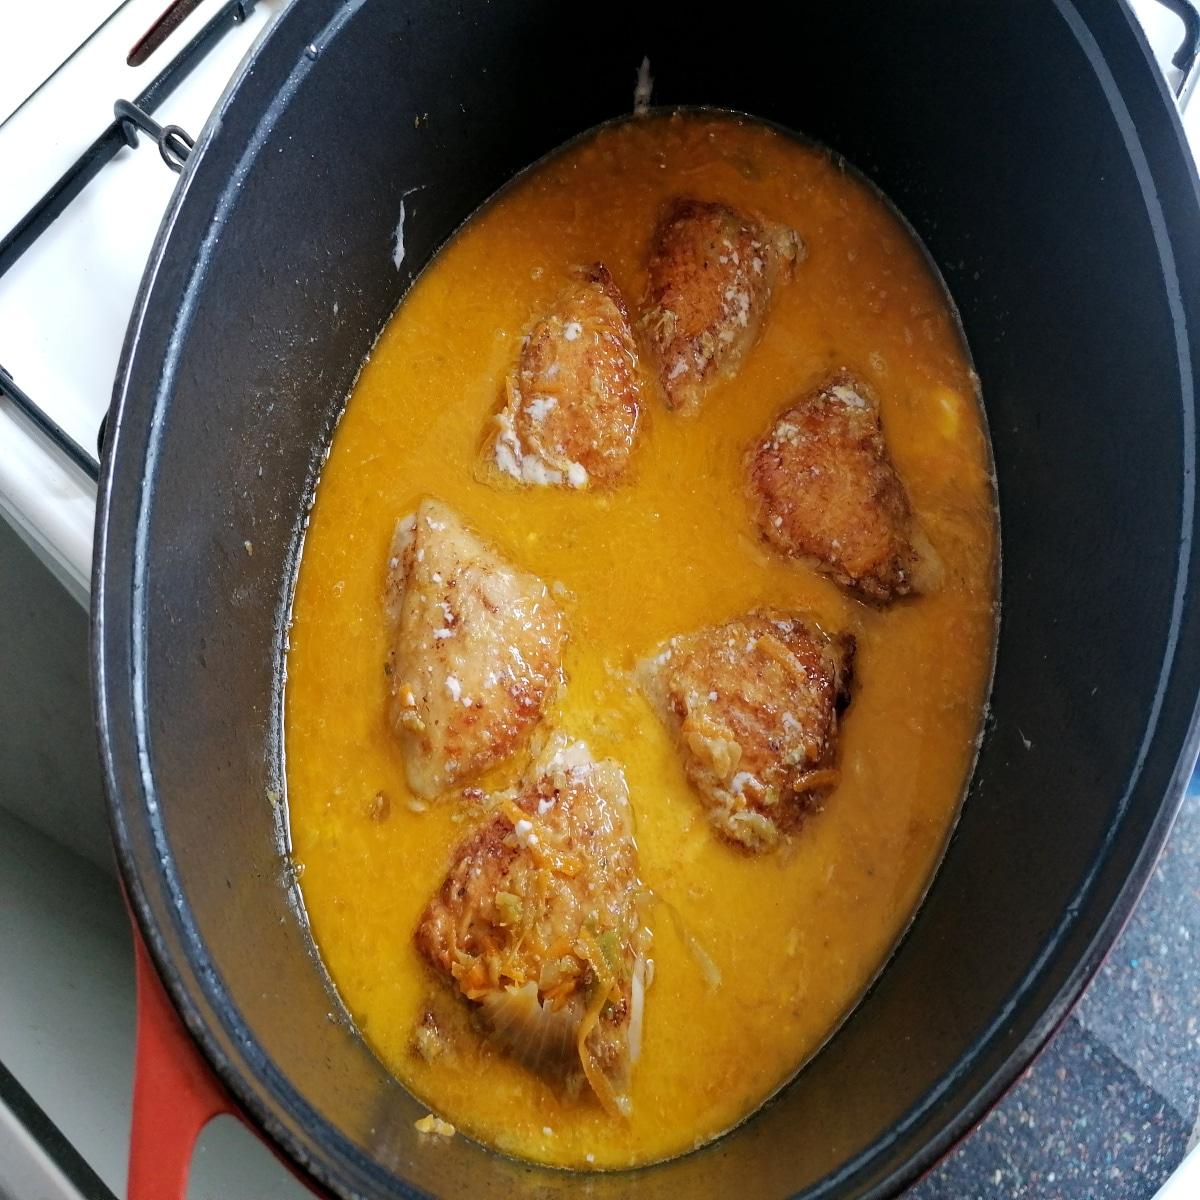 sauce du poulet vanillé en sauteuse